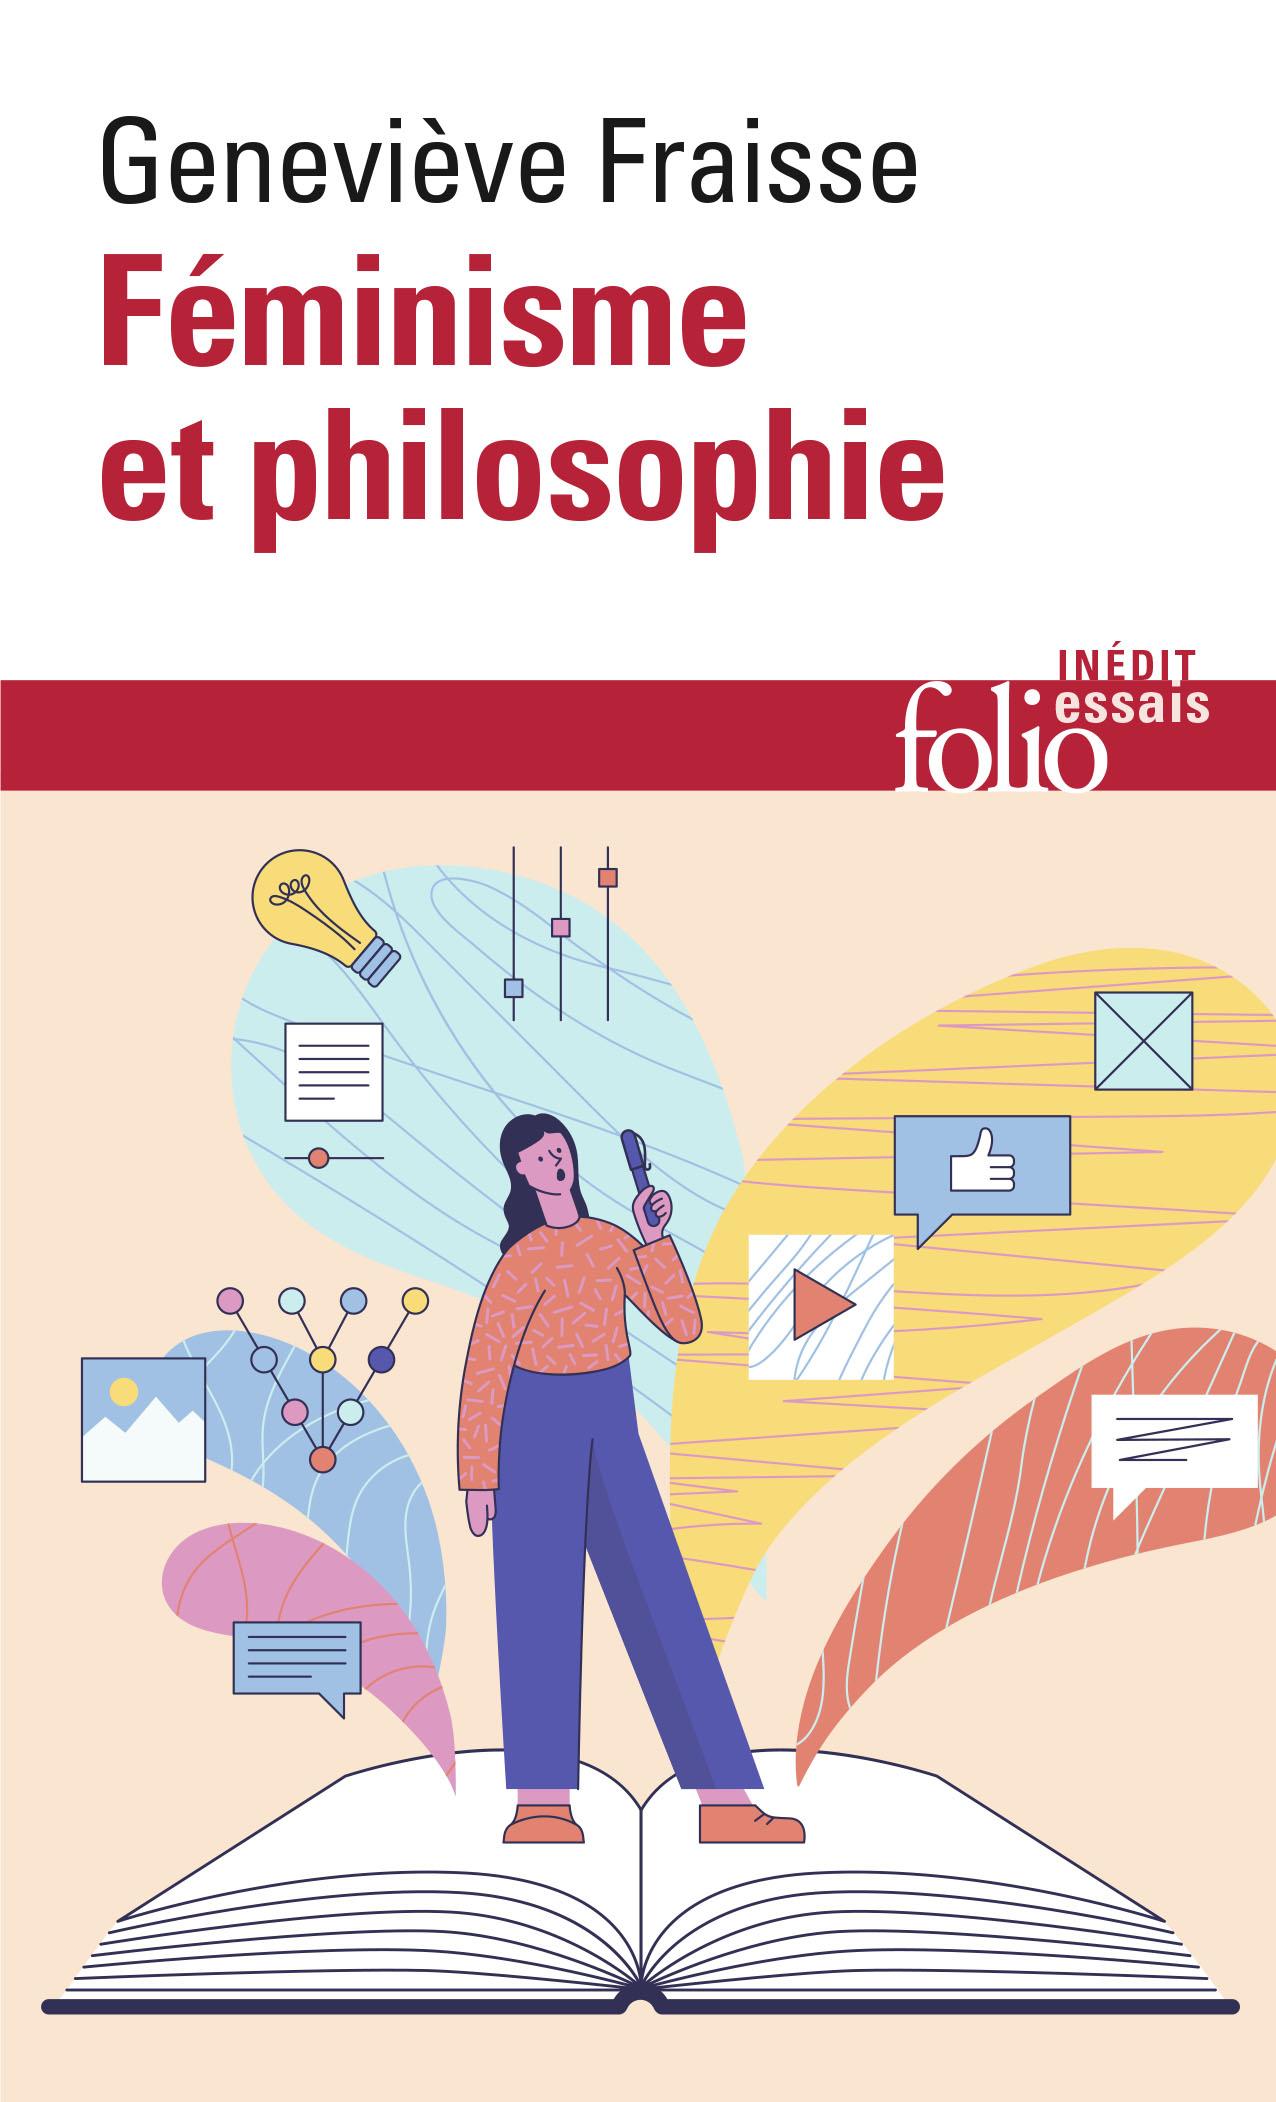 G. Fraisse, Féminisme et philosophie